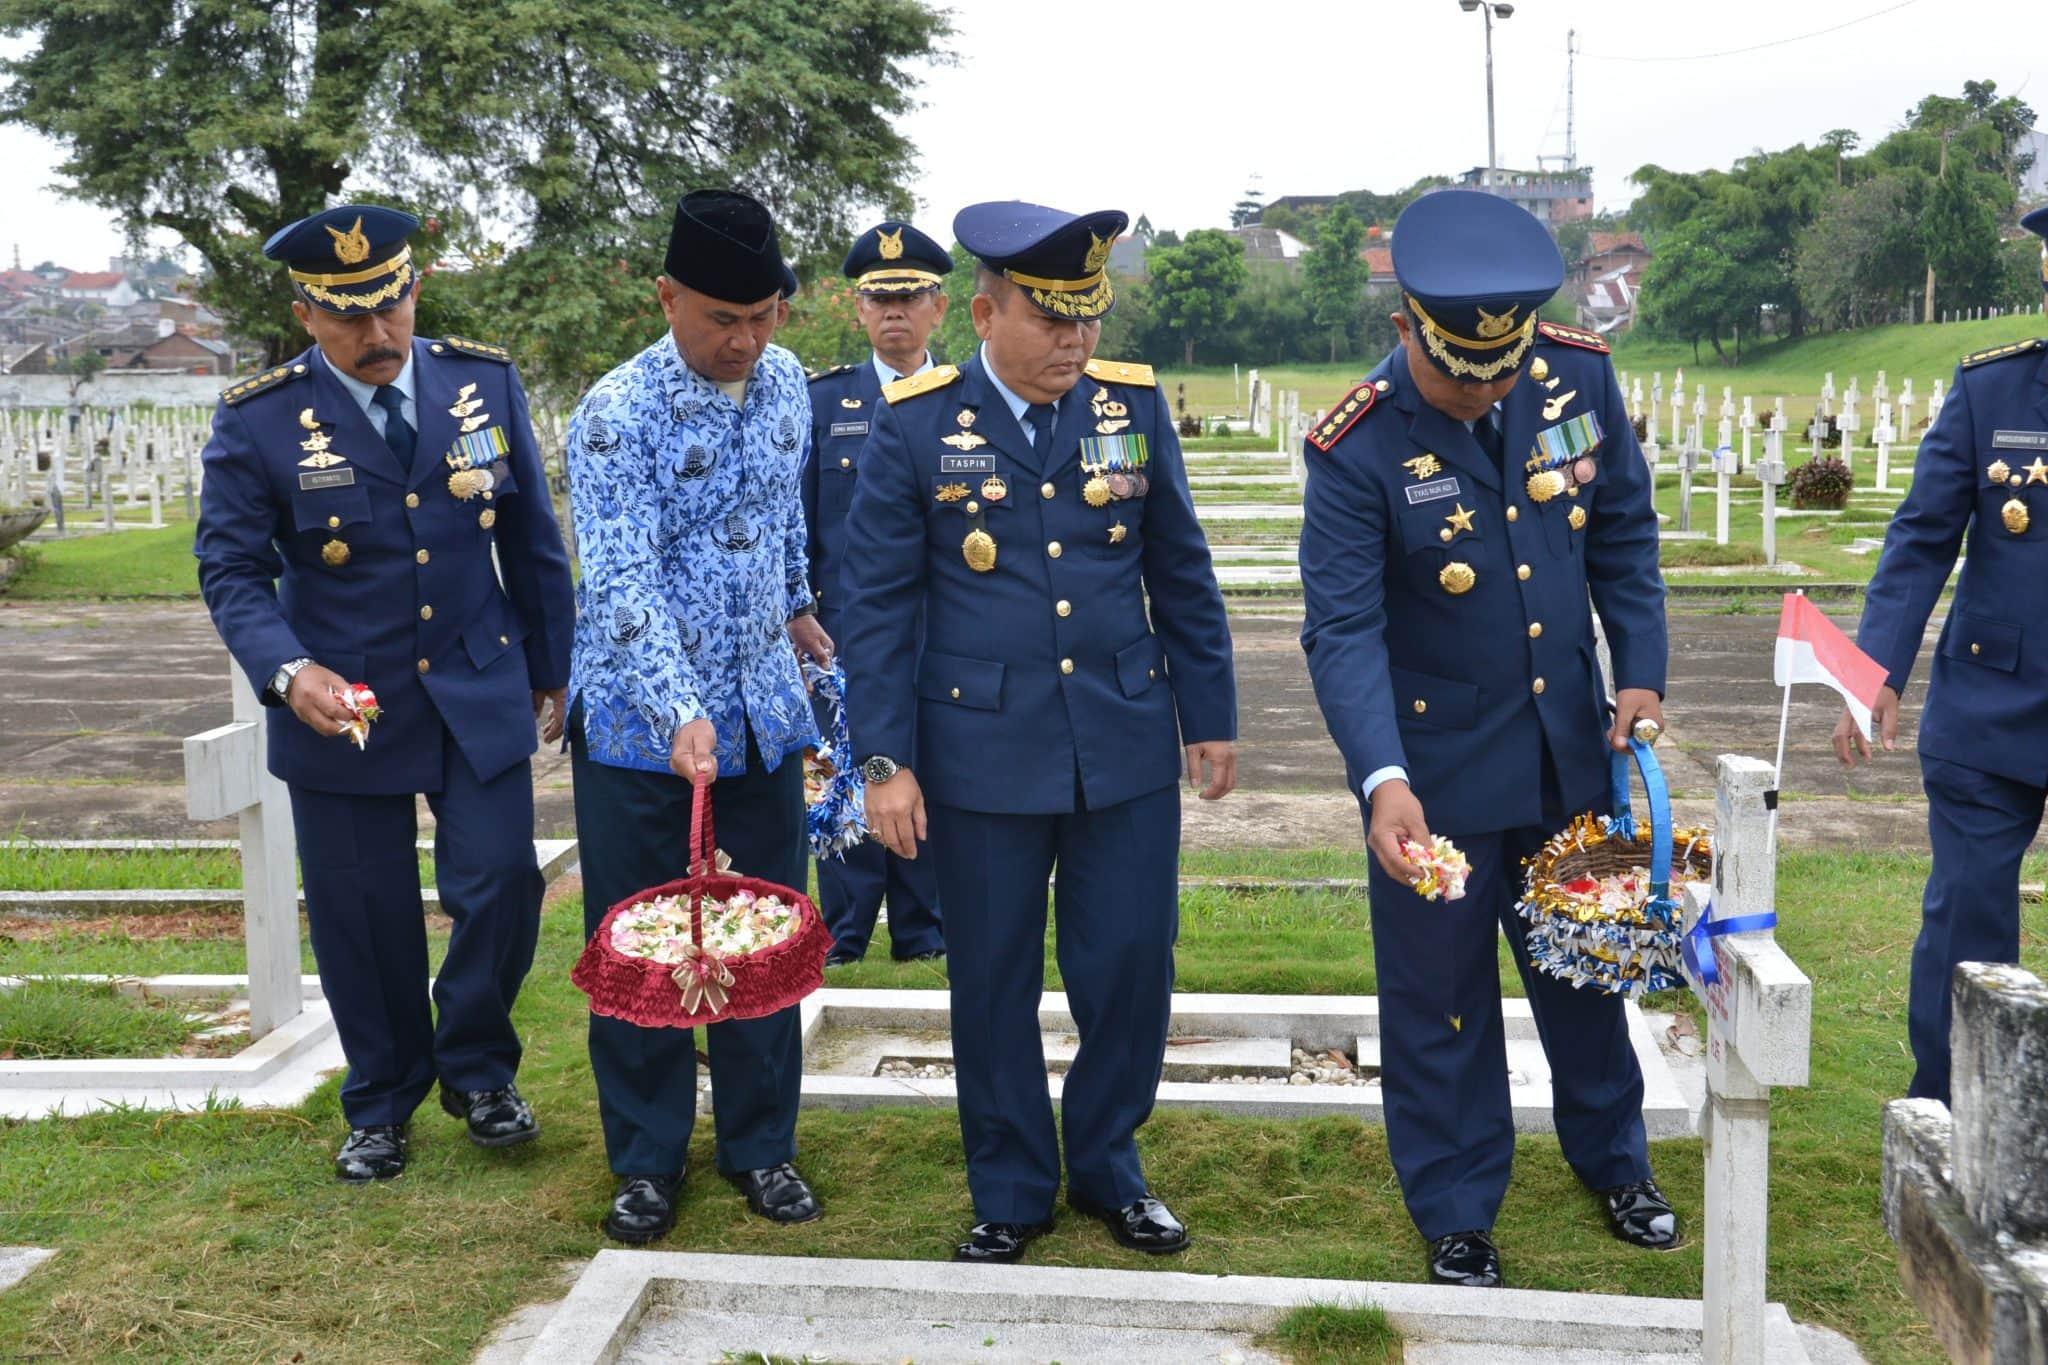 Ziarah Hut TNJI AU Ke-72 Di TMP Cikutra Bandung